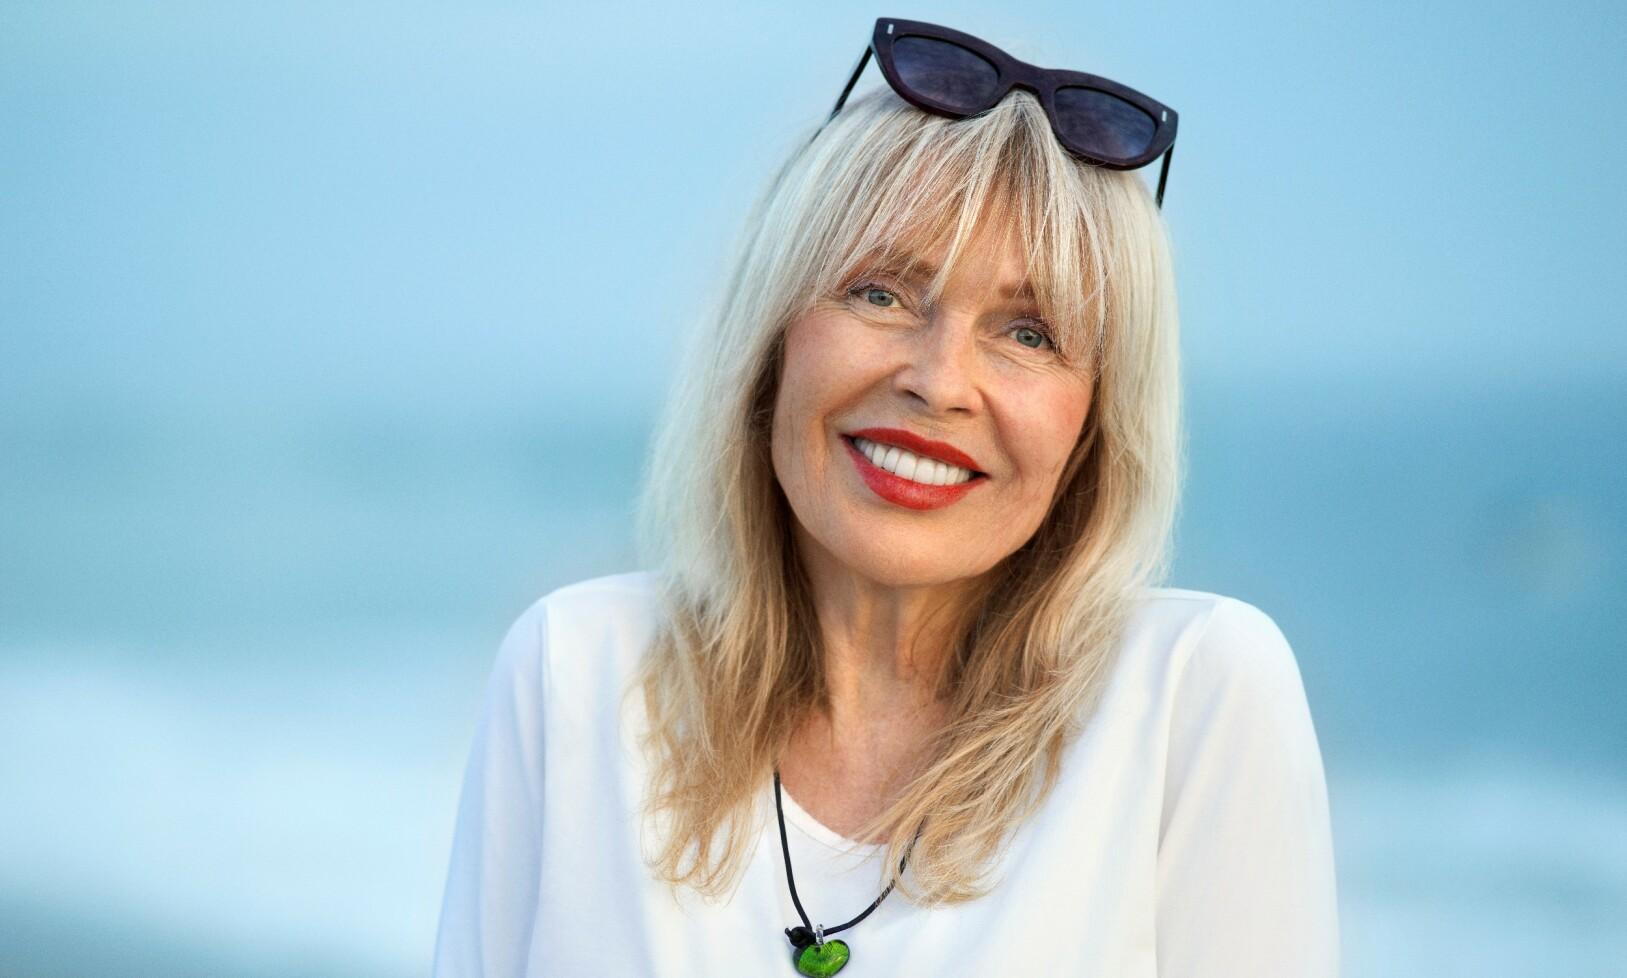 <strong>BEDRE LIV:</strong> Lillian Müller synes livet har blitt bedre med årene, og takker livsstilen sin for det. Foto: Morten Quale